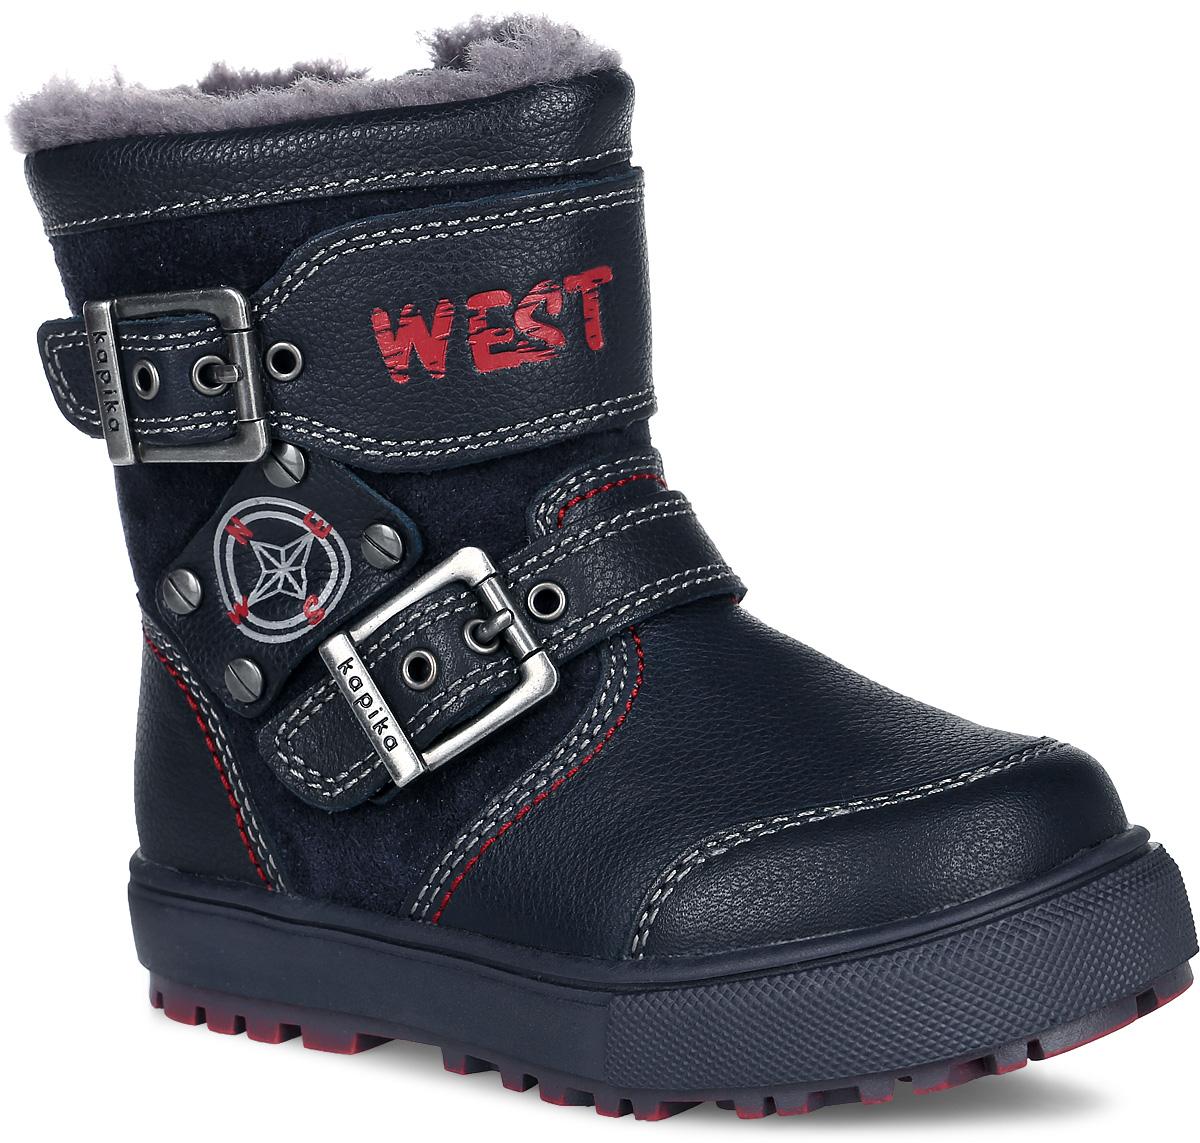 62088Стильные сапоги для мальчика Kapika заинтересуют вашего мальчика с первого взгляда. Сапоги выполнены из натуральной кожи и замши и оформлены нашивками с контрастной прострочкой. Носочная и задняя части дополнены накладками для лучшей сохранности обуви. Обувь фиксируется на ноге с помощью удобной молнии. Объем регулируется с помощью ремешков с пряжками. Подкладка и стелька из натуральной шерсти обеспечат ножкам тепло и уют. Подошва изготовлена из прочного и легкого ТЭП-материала, а ее рифленая поверхность гарантирует отличное сцепление с любой поверхностью. Такие практичные и модные сапоги займут достойное место в гардеробе вашего ребенка.